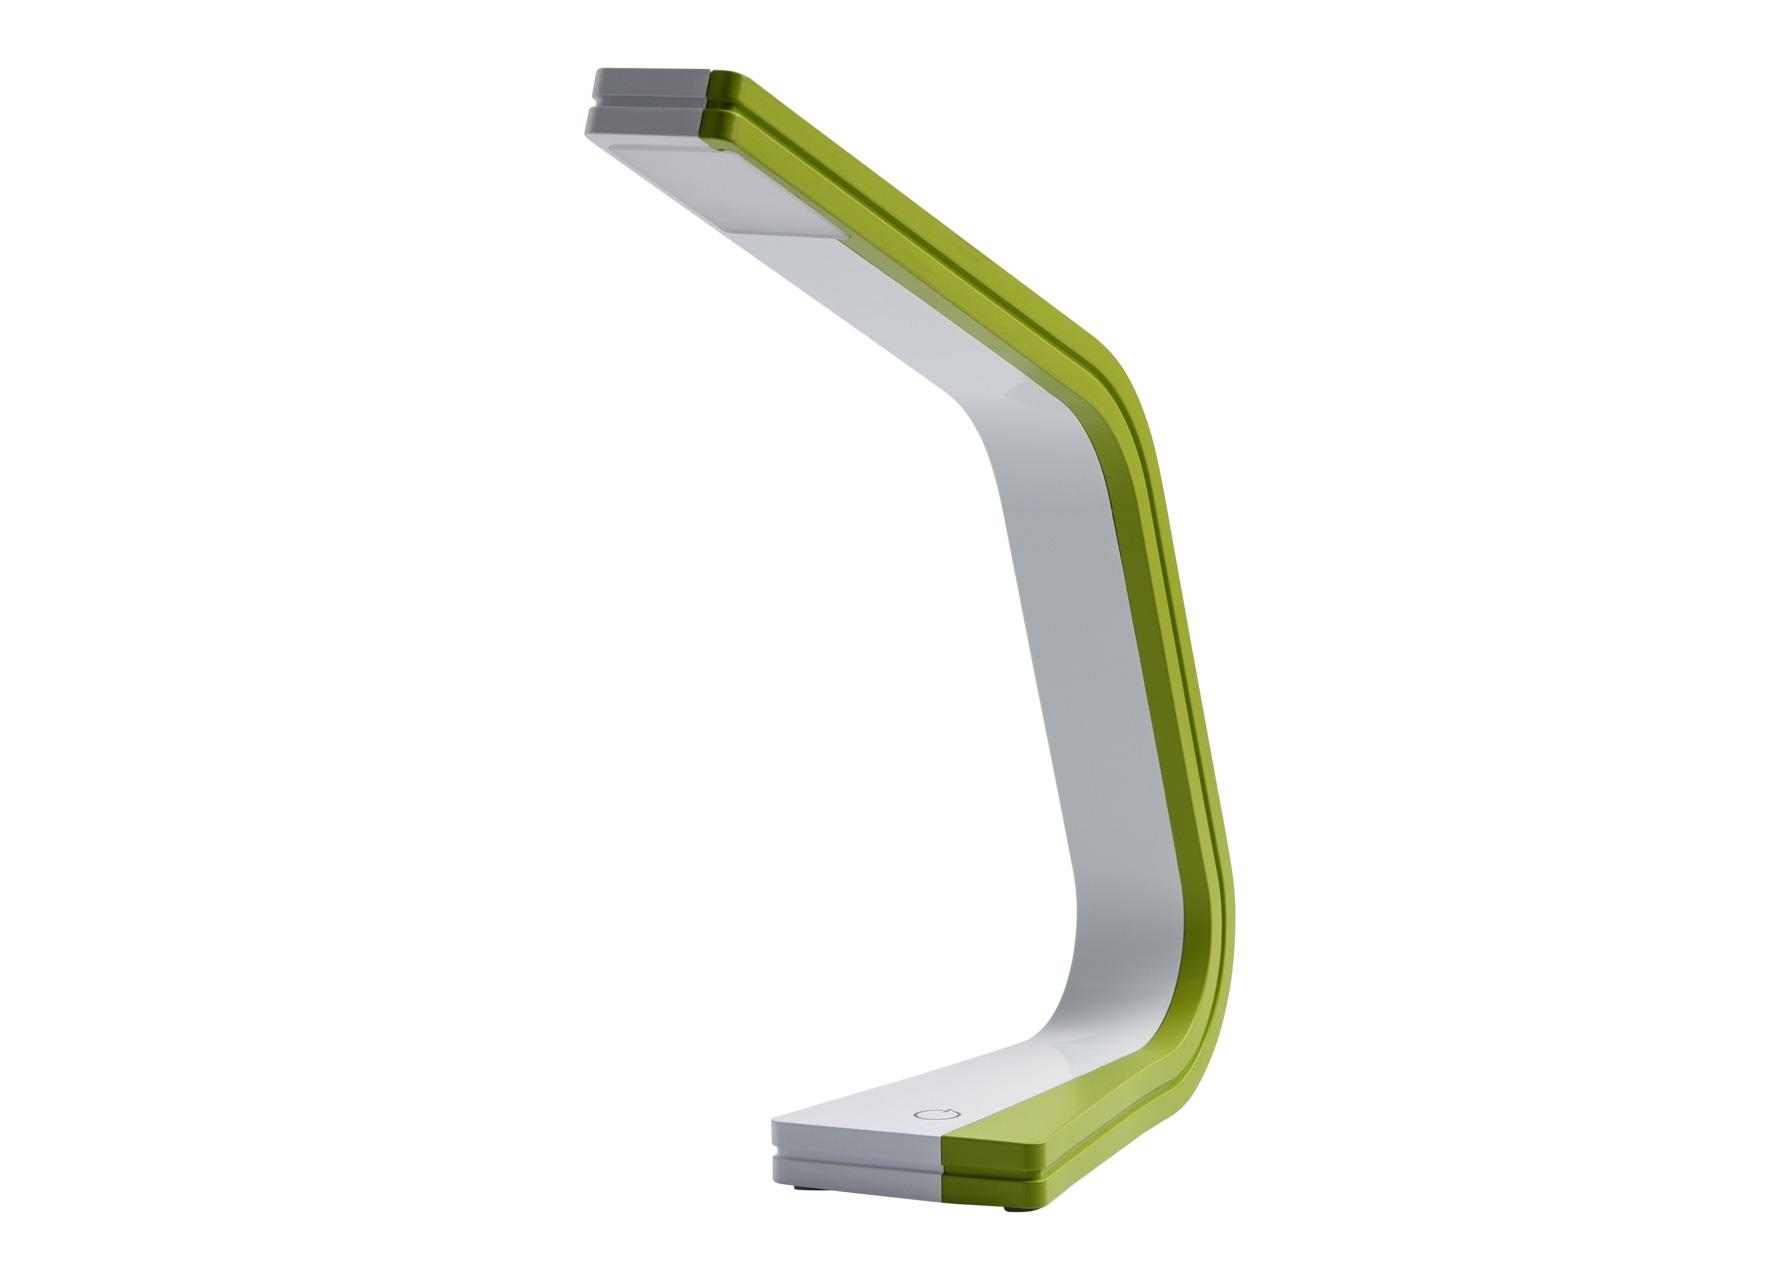 Настольная лампа РакурсНастольные лампы<br>&amp;lt;div&amp;gt;Настольная лампа из коллекции «Ракурс» - идеальное решение для деловых&amp;lt;/div&amp;gt;&amp;lt;div&amp;gt;персон, идущих в ногу со временем. Стильный современный дизайн подчеркнет&amp;amp;nbsp;&amp;lt;span style=&amp;quot;line-height: 1.78571;&amp;quot;&amp;gt;хороший вкус, а минимум деталей не будут отвлекать во время работы. Для тех,&amp;amp;nbsp;&amp;lt;/span&amp;gt;&amp;lt;span style=&amp;quot;line-height: 1.78571;&amp;quot;&amp;gt;кто всё же хочет немного разнообразить и освежить интерьер, данная модель&amp;amp;nbsp;&amp;lt;/span&amp;gt;&amp;lt;span style=&amp;quot;line-height: 1.78571;&amp;quot;&amp;gt;представлена в нескольких цветовых вариантах. Помимо удачных внешних&amp;amp;nbsp;&amp;lt;/span&amp;gt;&amp;lt;span style=&amp;quot;line-height: 1.78571;&amp;quot;&amp;gt;параметров, лампа оснащена системой touch control и диммером, что позволяет&amp;amp;nbsp;&amp;lt;/span&amp;gt;&amp;lt;span style=&amp;quot;line-height: 1.78571;&amp;quot;&amp;gt;включать лампу и менять яркость светового потока легким движением руки.&amp;lt;/span&amp;gt;&amp;lt;/div&amp;gt;&amp;lt;div&amp;gt;&amp;lt;span style=&amp;quot;line-height: 1.78571;&amp;quot;&amp;gt;&amp;lt;br&amp;gt;&amp;lt;/span&amp;gt;&amp;lt;/div&amp;gt;&amp;lt;div&amp;gt;Рекомендуемая площадь освещения порядка 3 кв.м.&amp;lt;/div&amp;gt;&amp;lt;div&amp;gt;Мощность/кол-во ламп 1*6W LED 220 V IP20&amp;lt;/div&amp;gt;&amp;lt;div&amp;gt;Сила светового потока: 576 Лм (Люмен)&amp;lt;/div&amp;gt;&amp;lt;div&amp;gt;Площадь освещенности: 3 м2&amp;lt;/div&amp;gt;&amp;lt;div&amp;gt;Вес: 1,53 кг&amp;lt;/div&amp;gt;&amp;lt;div&amp;gt;Арматура: пластик&amp;lt;/div&amp;gt;<br><br>Material: Пластик<br>Width см: 8<br>Depth см: 30<br>Height см: 31,5<br>Diameter см: None